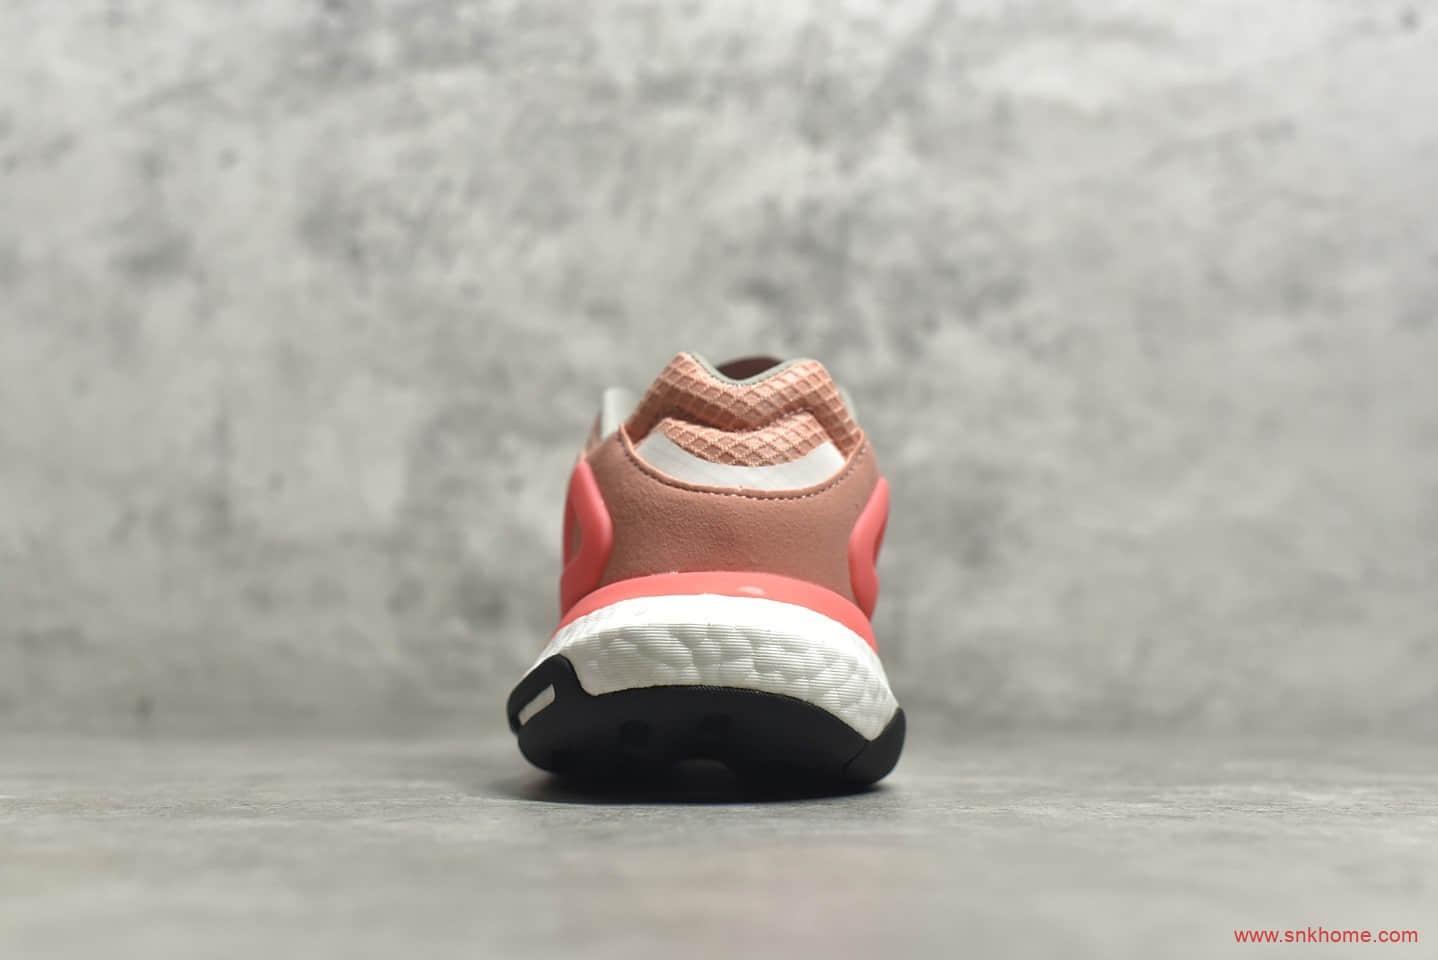 阿迪达斯三叶草夜行者反光 adidas Originals 2020 Day Jogger Boost 原装级别adidas三叶草 货号:FW4828-潮流者之家